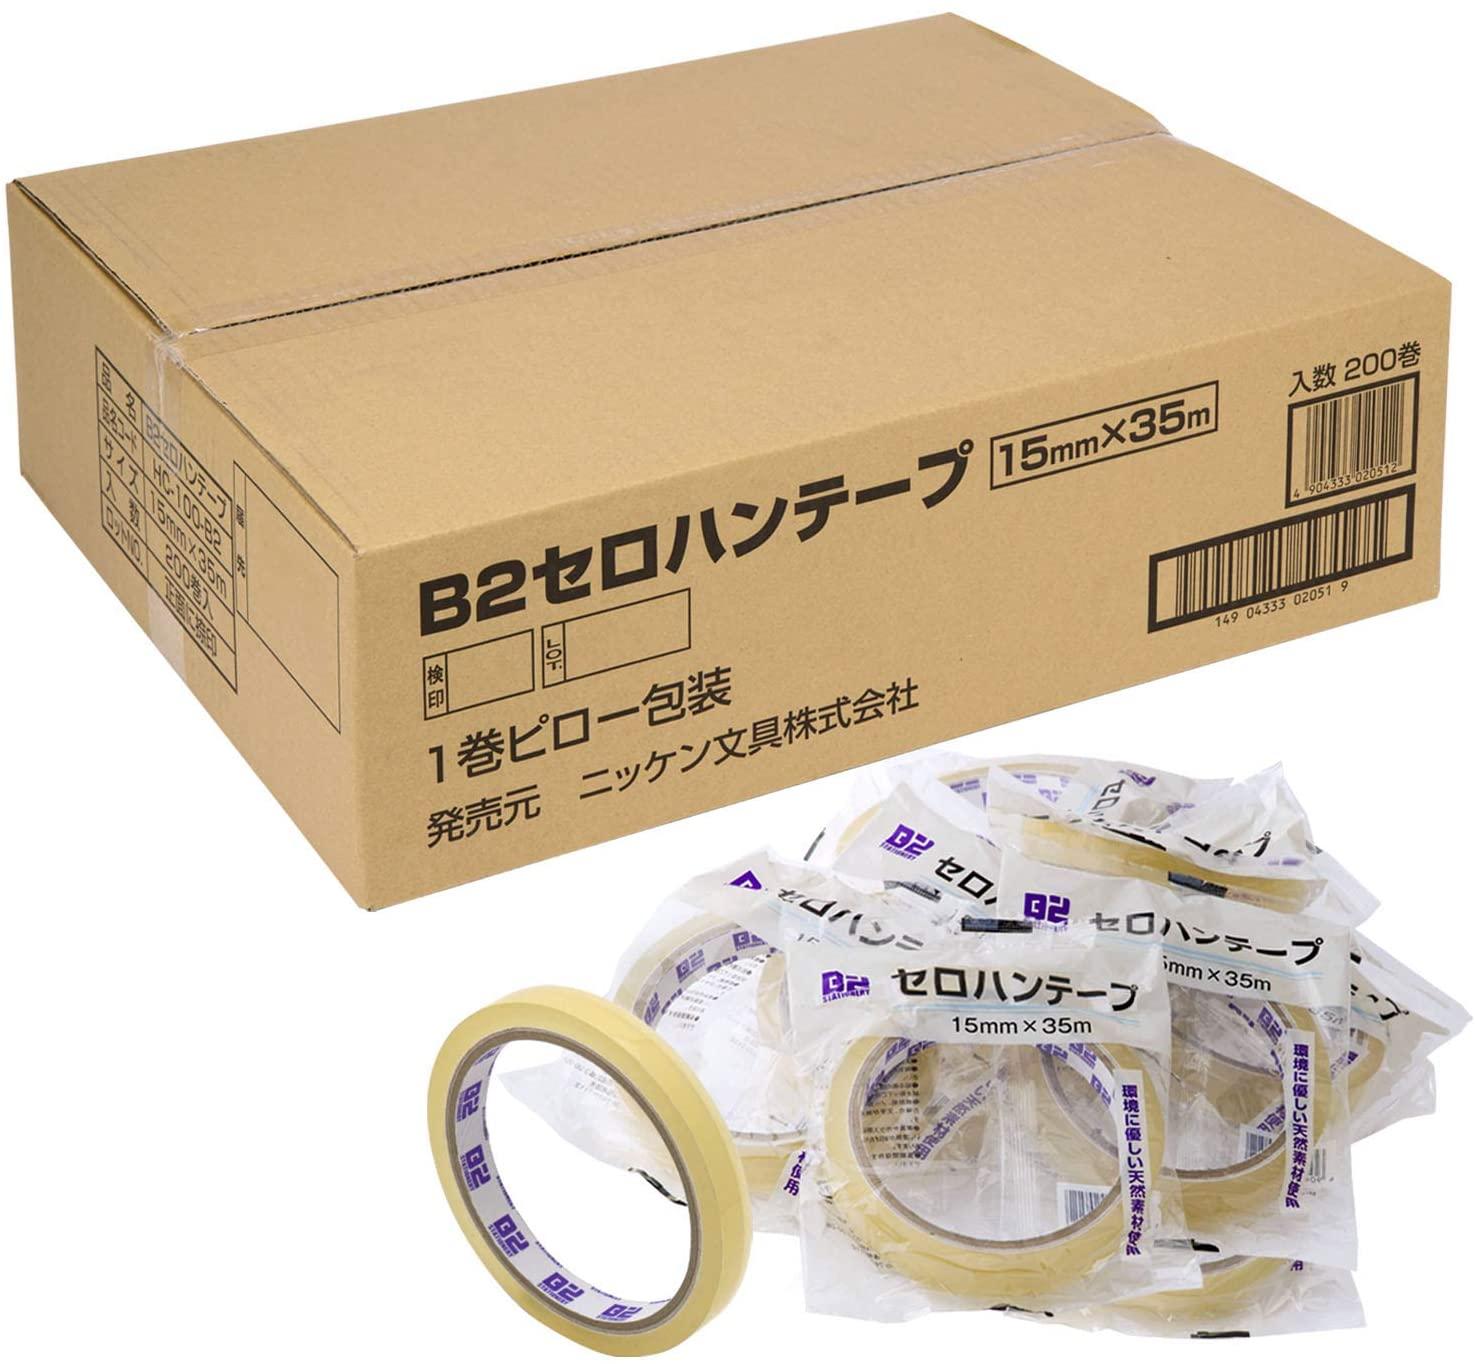 ニッケン文具 共和 セロハンテープ 大巻 200巻 15mm幅×35m巻 B2-T1535_200